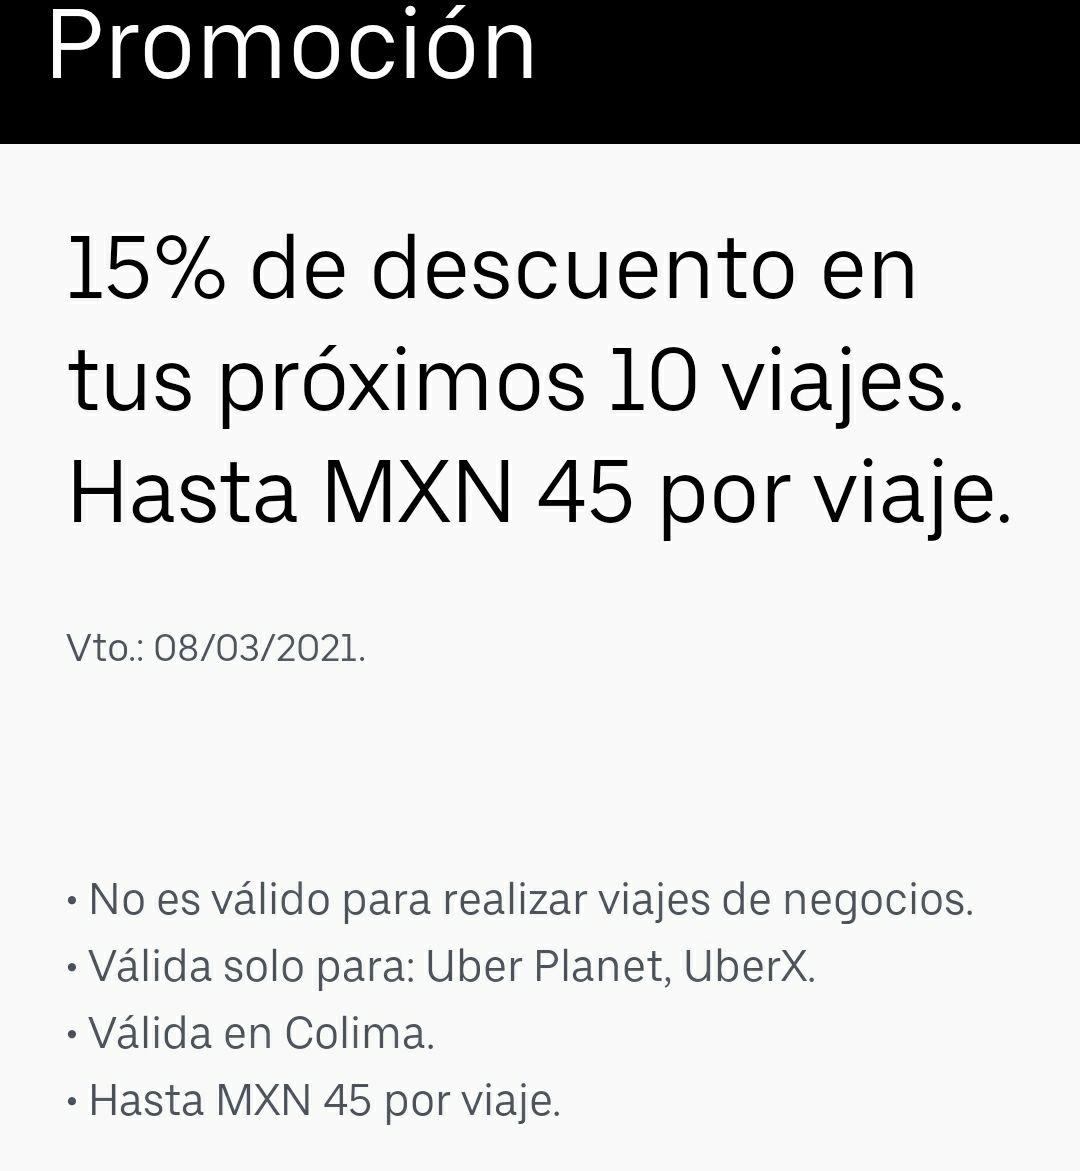 Uber Colima: 15% de descuento en 10 viajes.